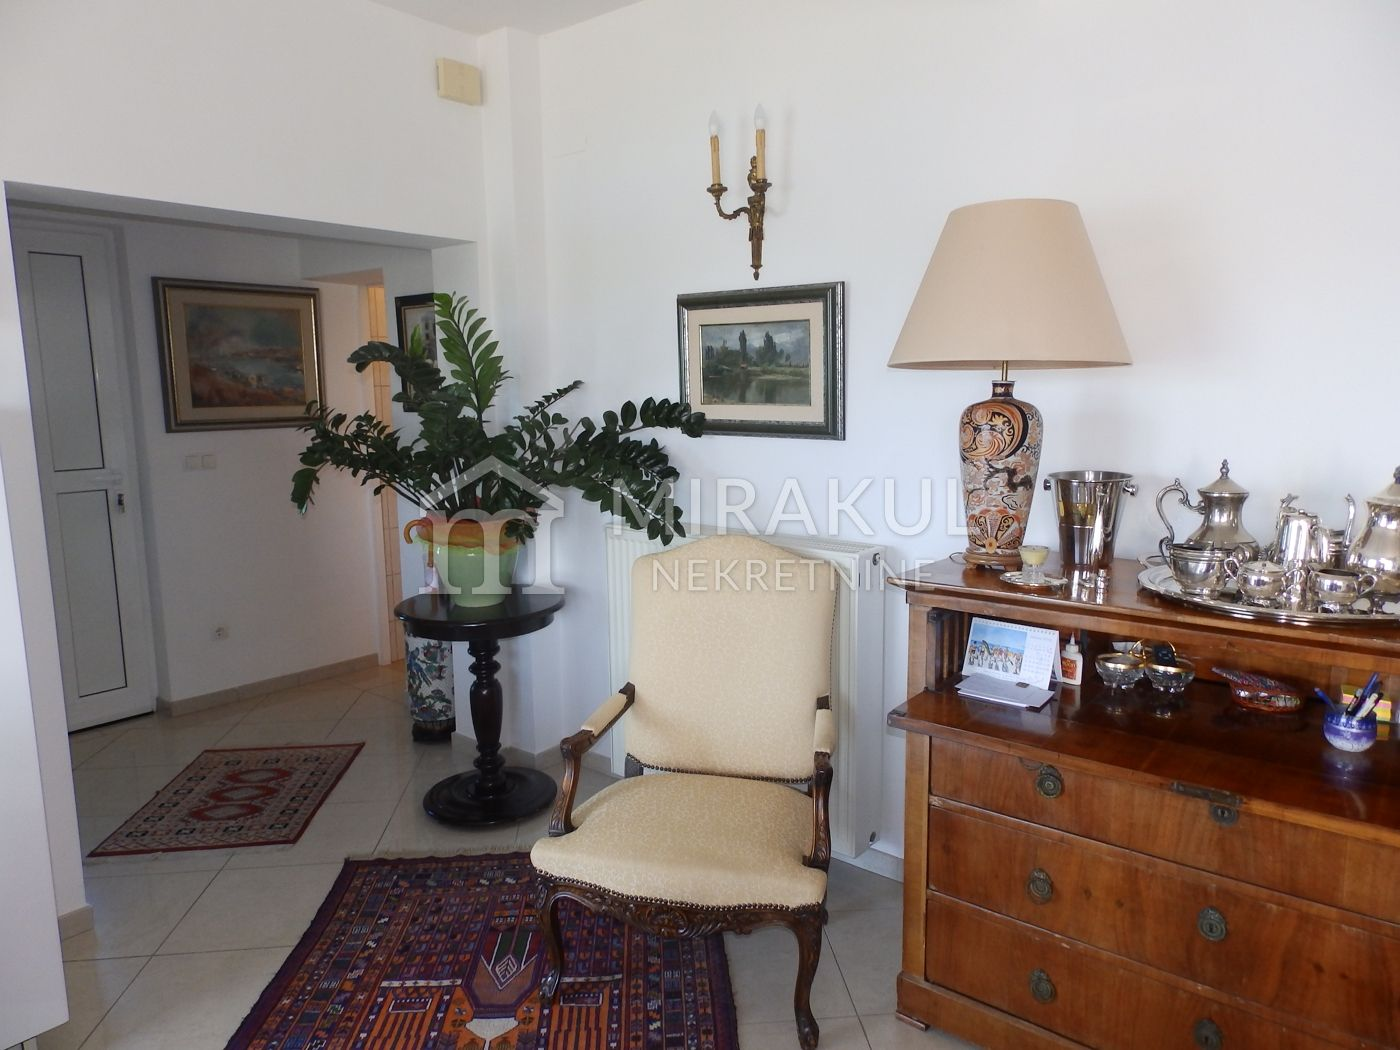 Nekretnine Tisno, kuća, Mirakul nekretnine, ID - KT-496, Luksuzna kuća blizu mora 1